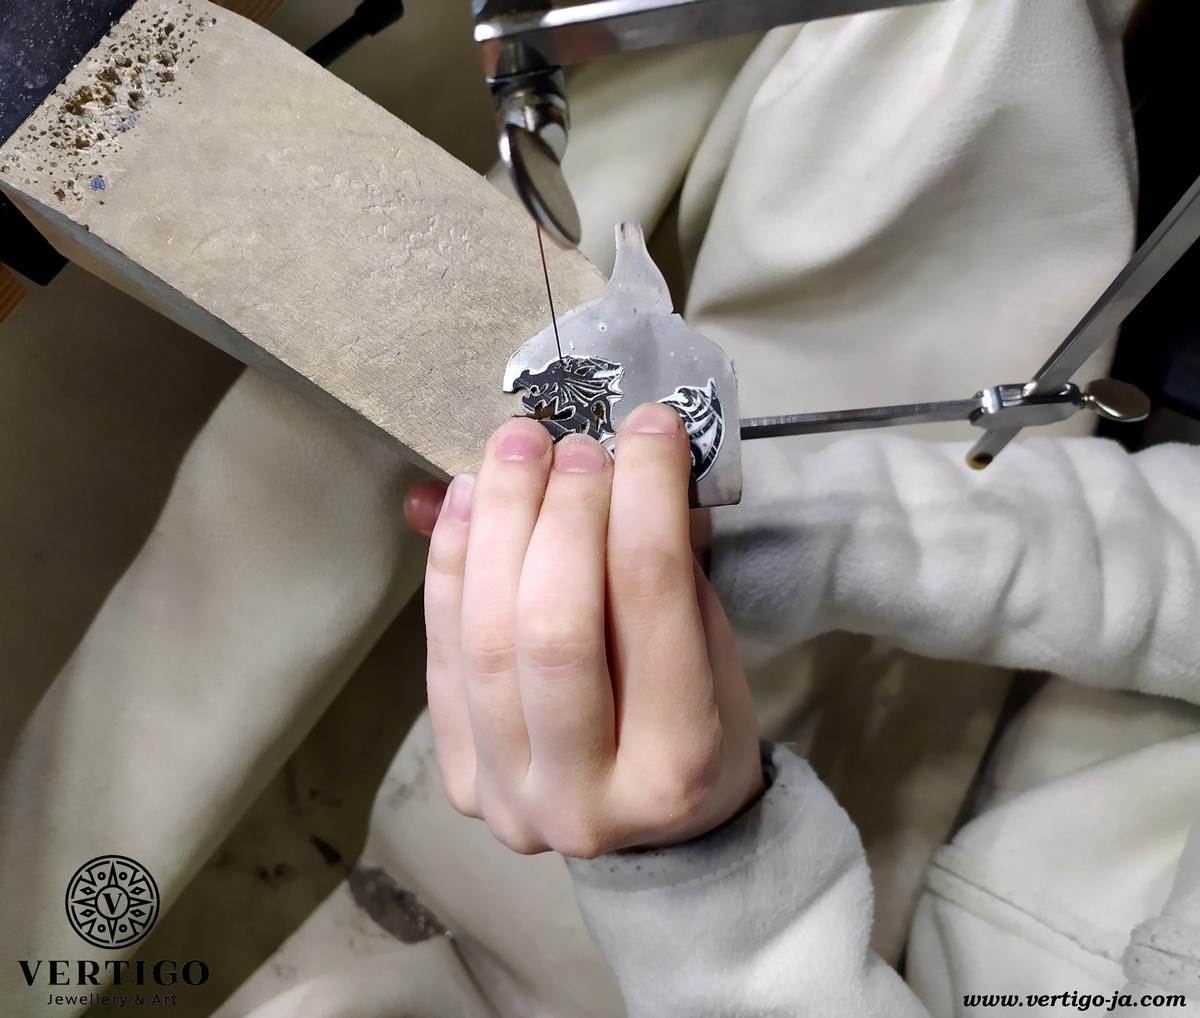 wycinanie zawieszki w srebrze piłą włosową na gesztelce